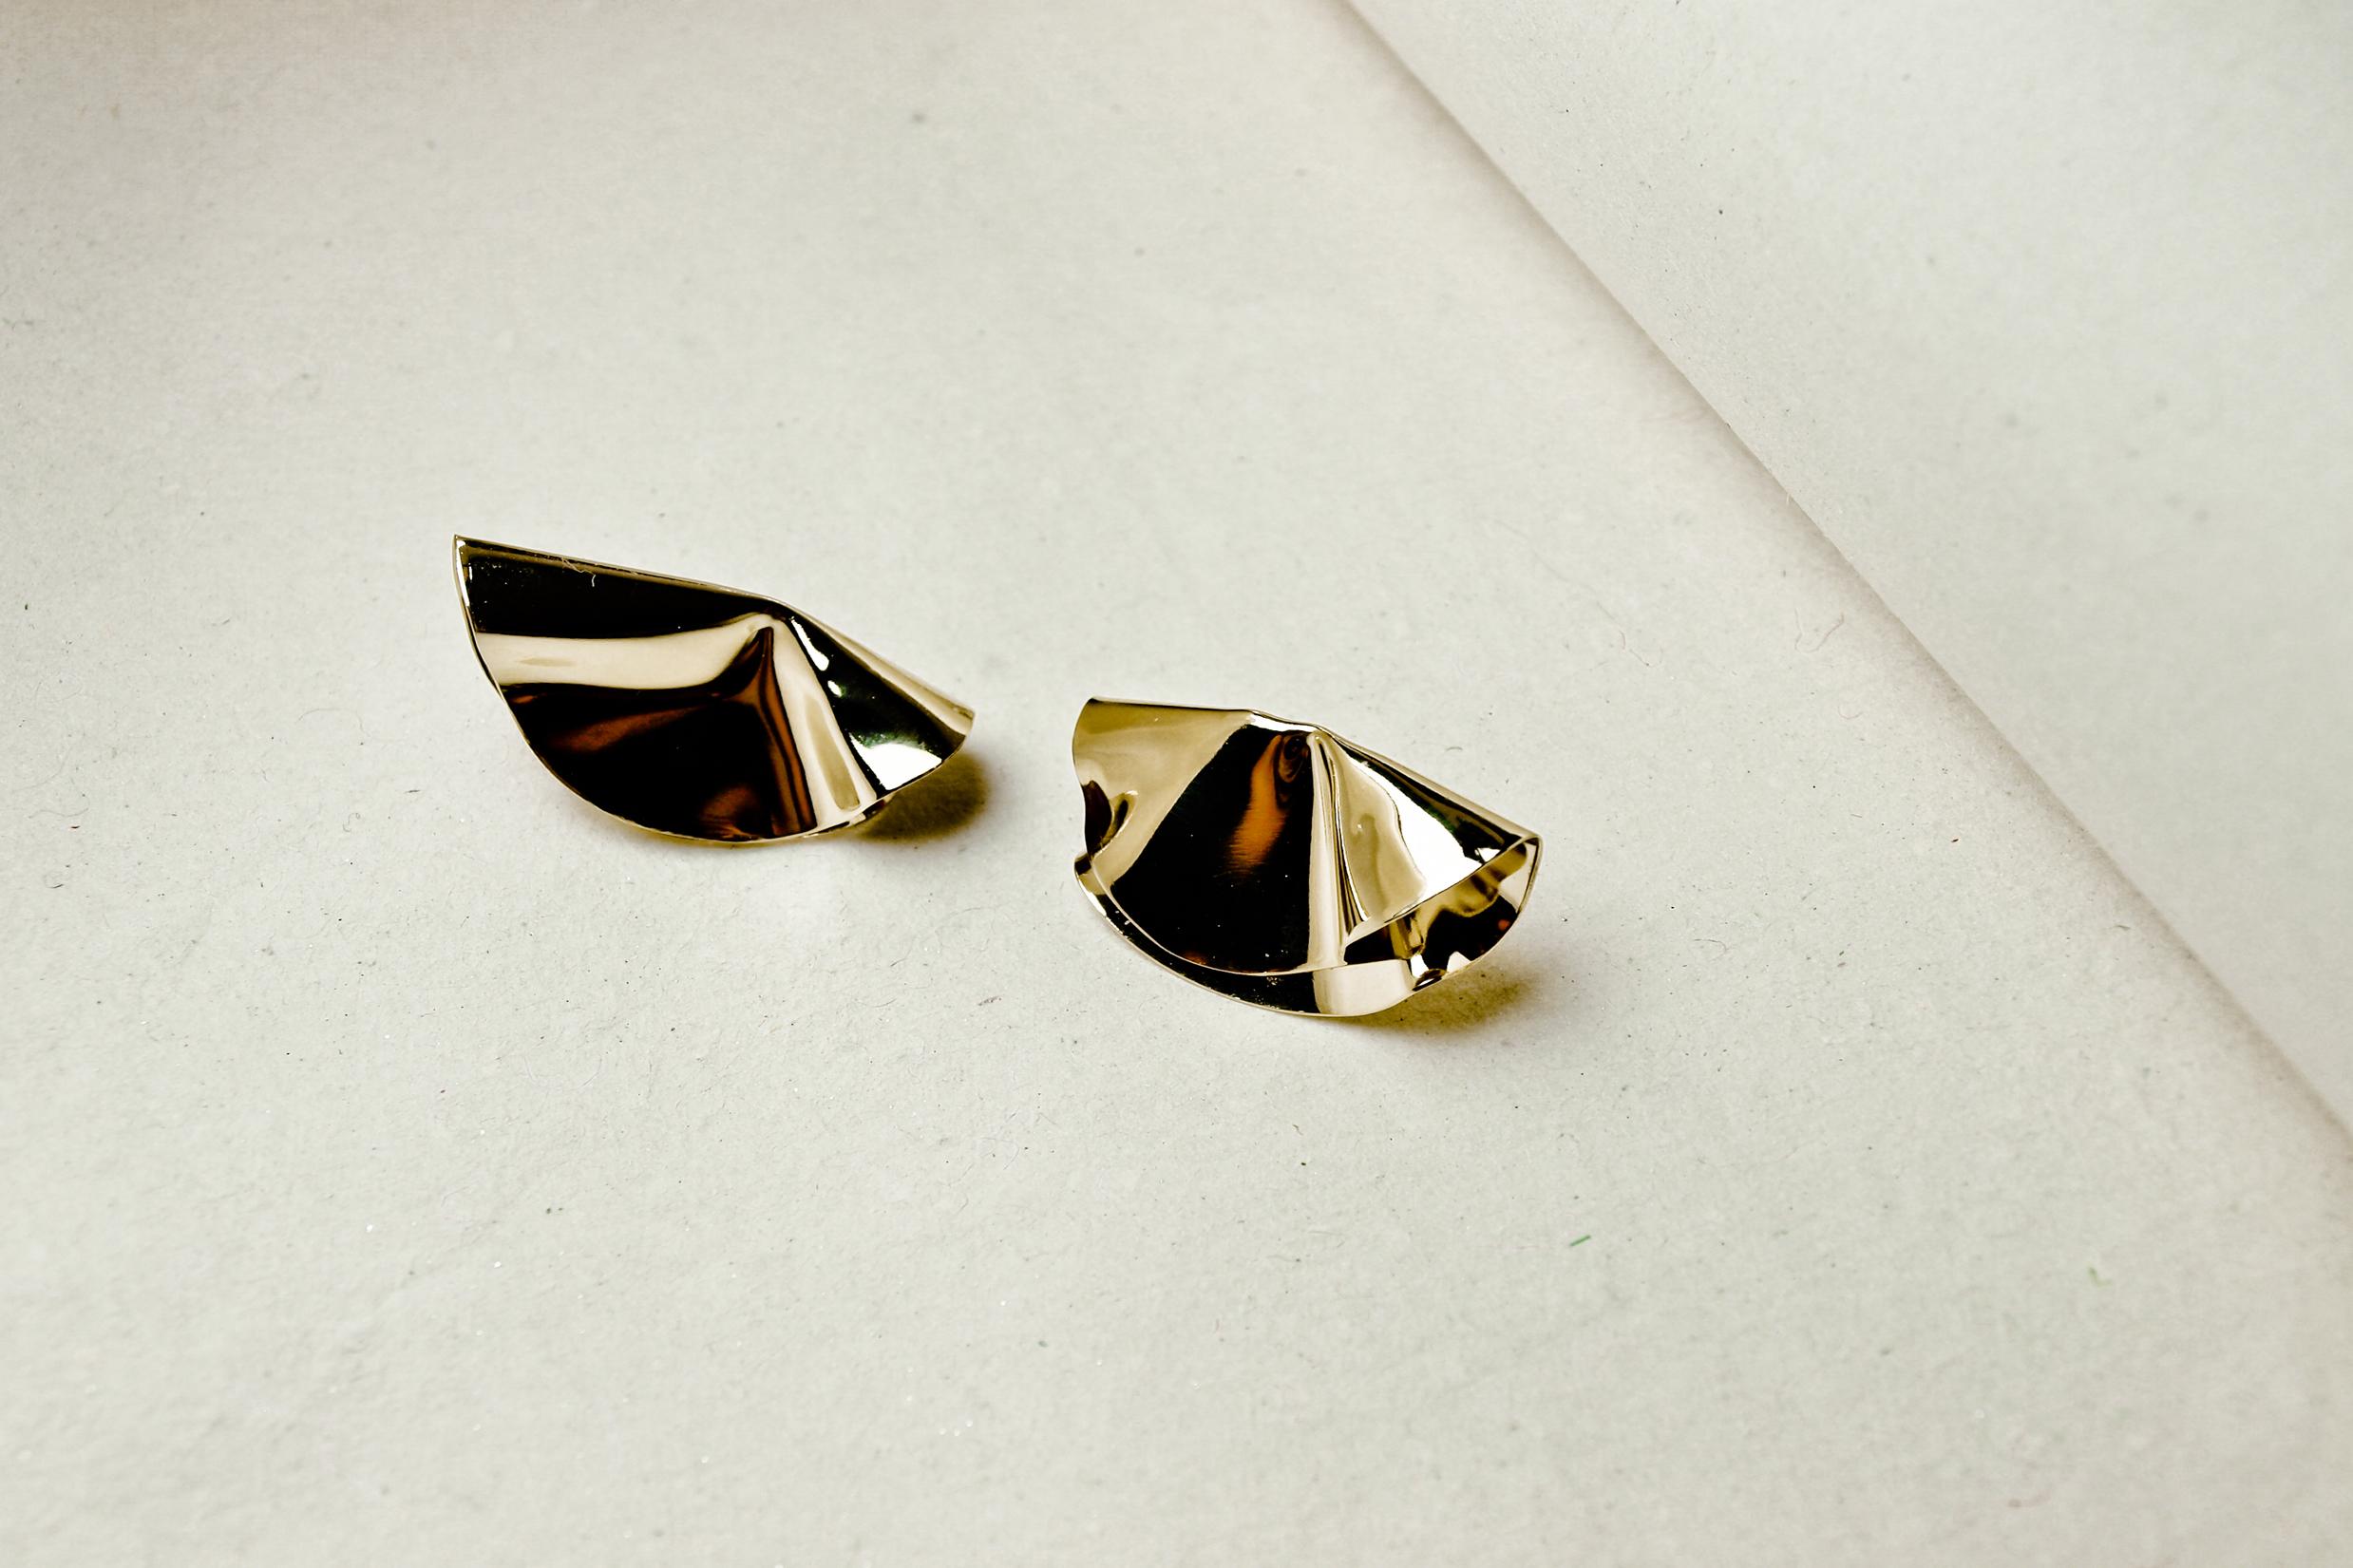 boucles d'oreilles corolles purse bijoux fait main bijou unique